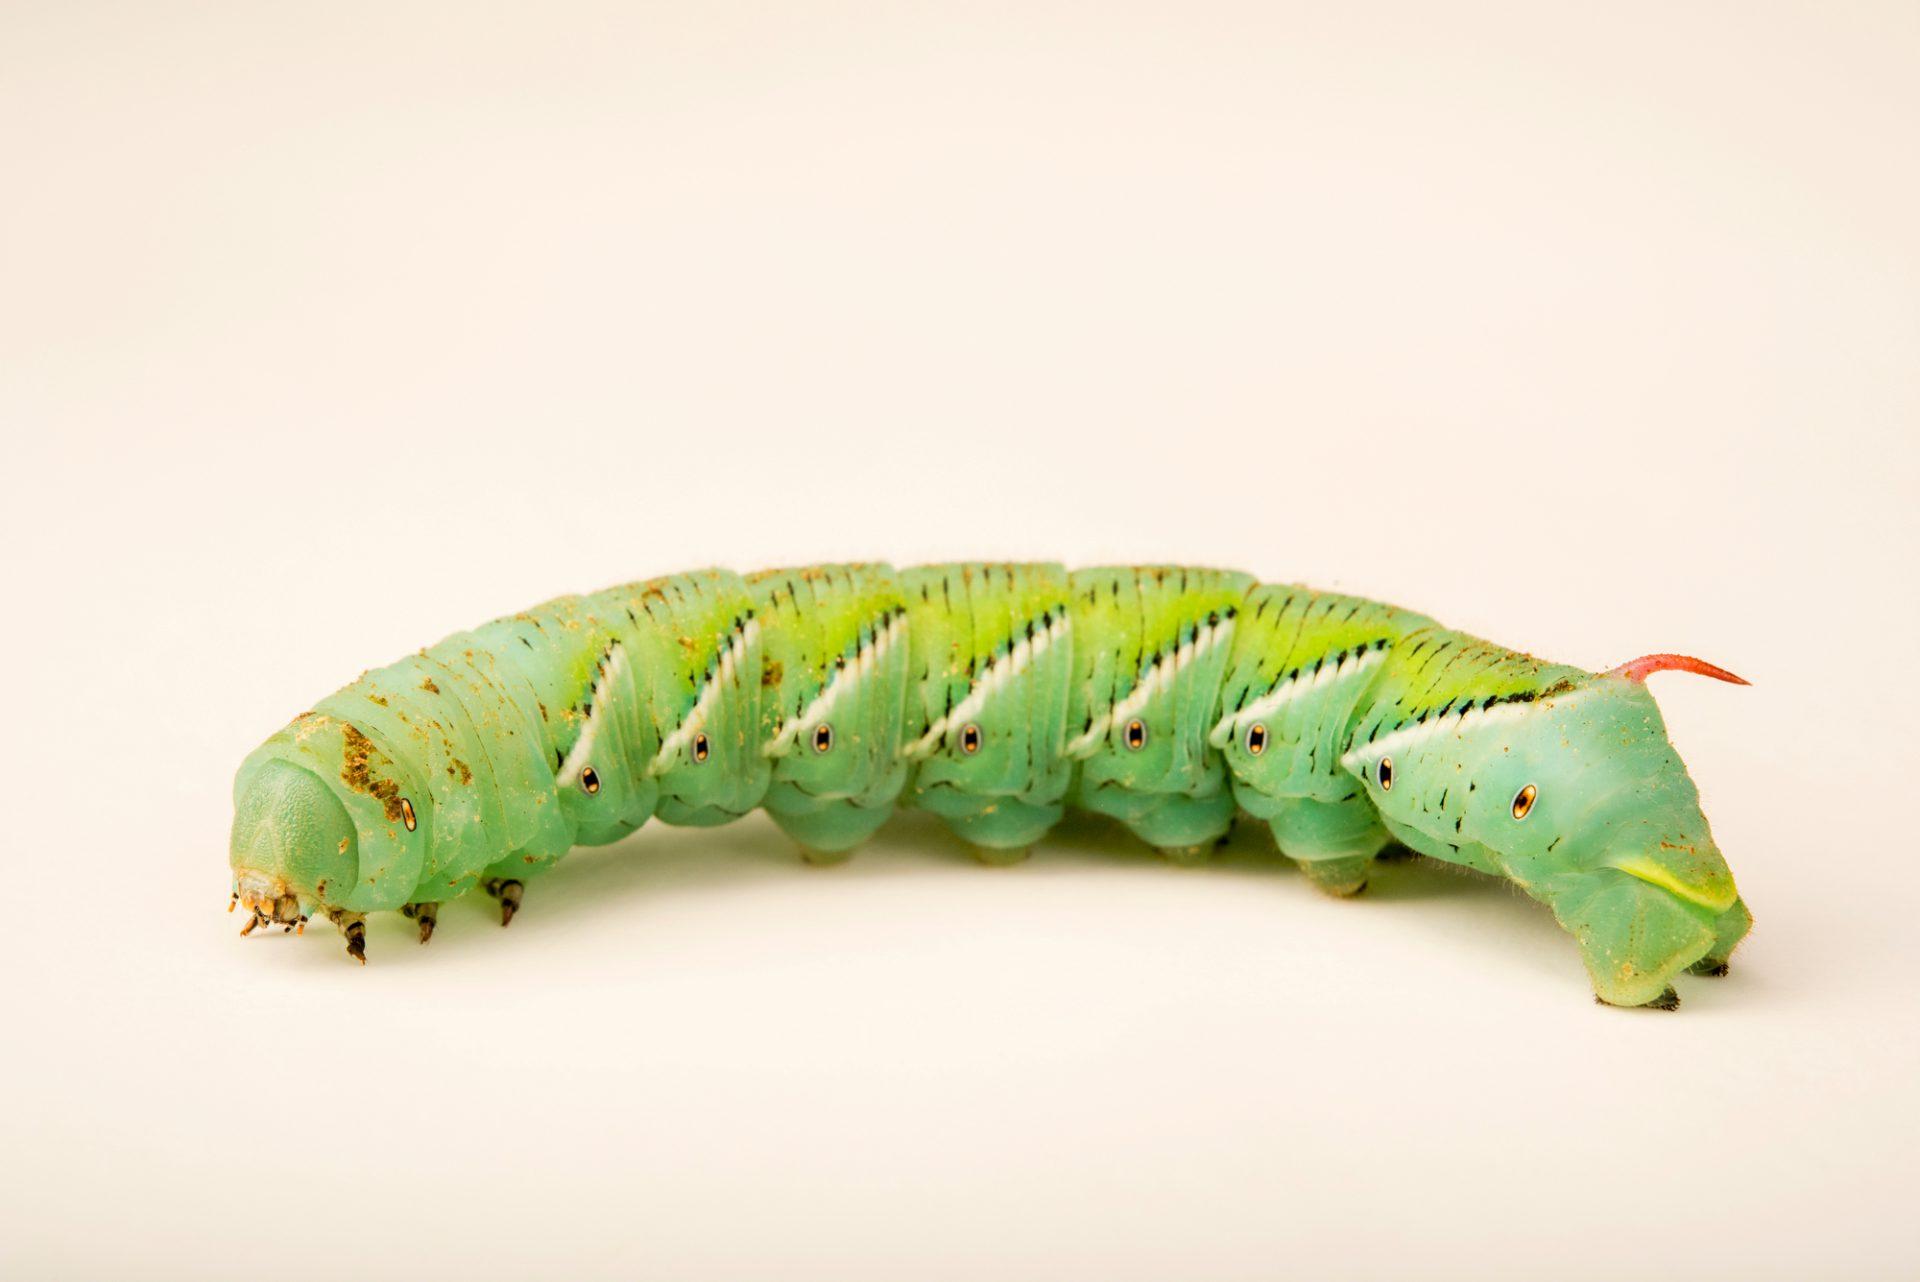 Photo: Tobacco hornworm (Manduca sexta) at the Audubon Insectarium.